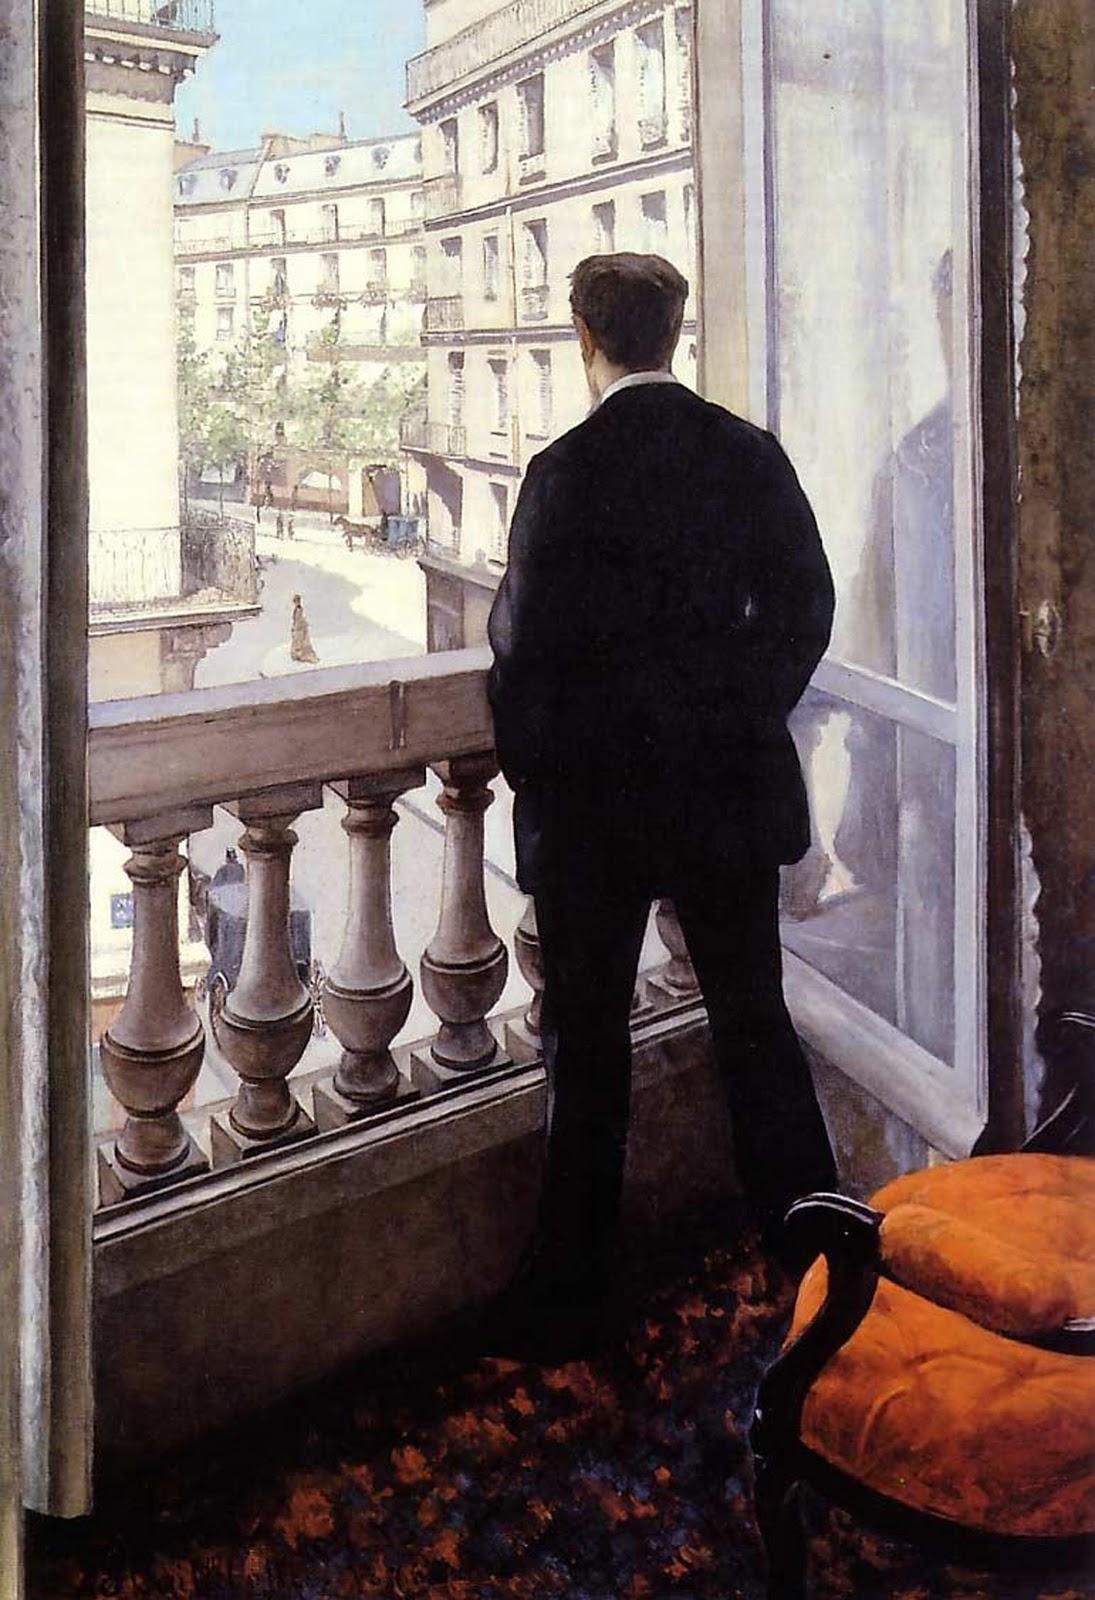 شاب فى النافذة